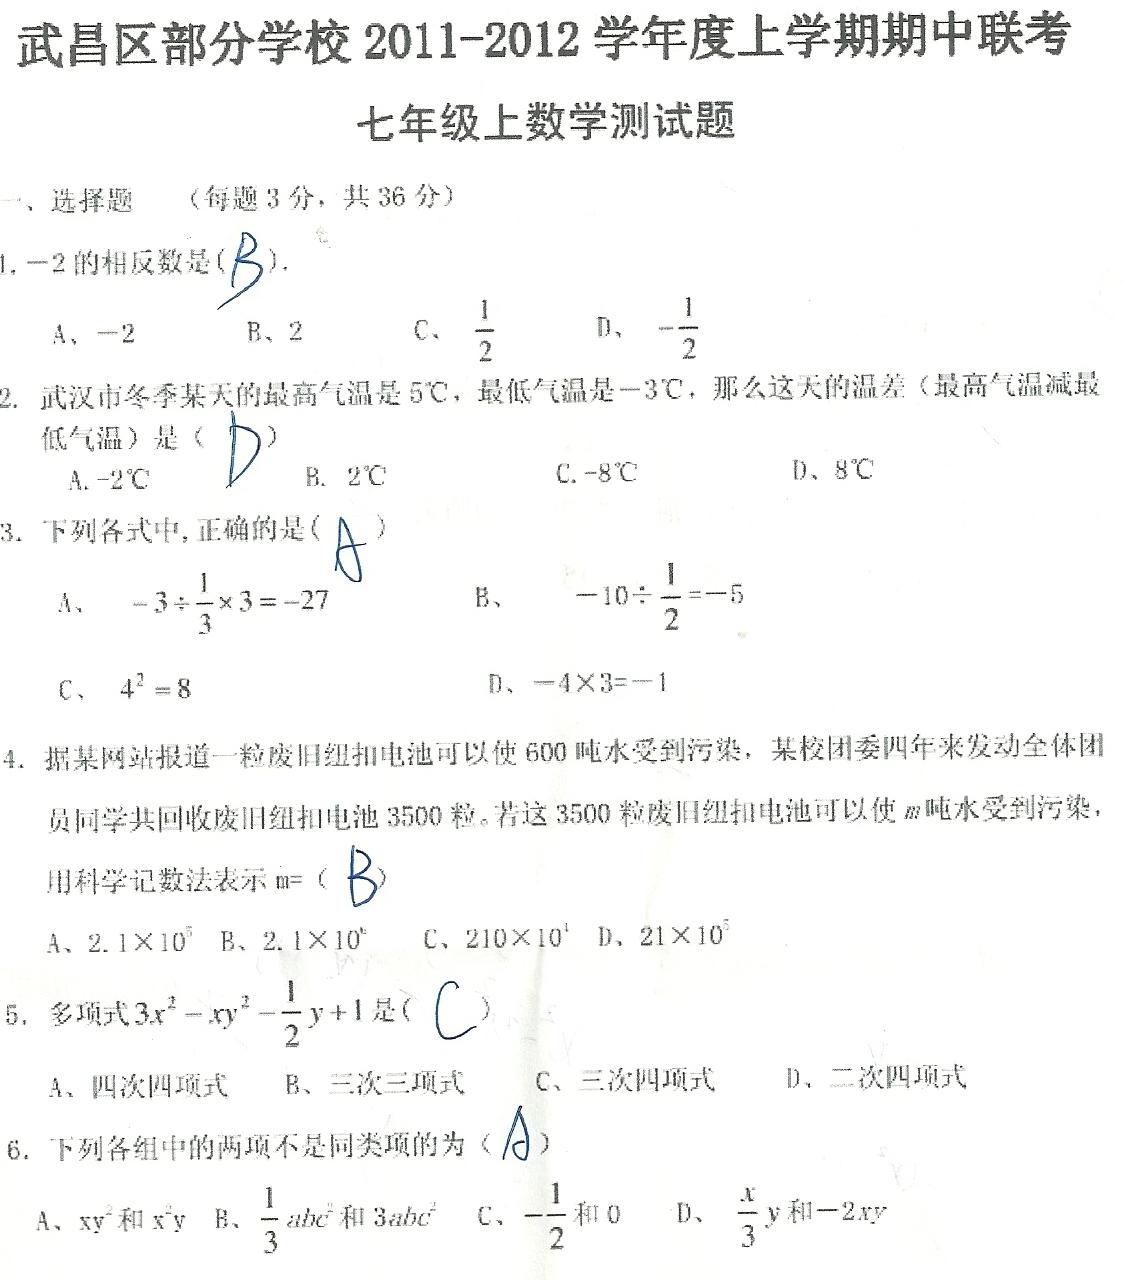 2011武昌上学期期中联考七年级上数学试卷答